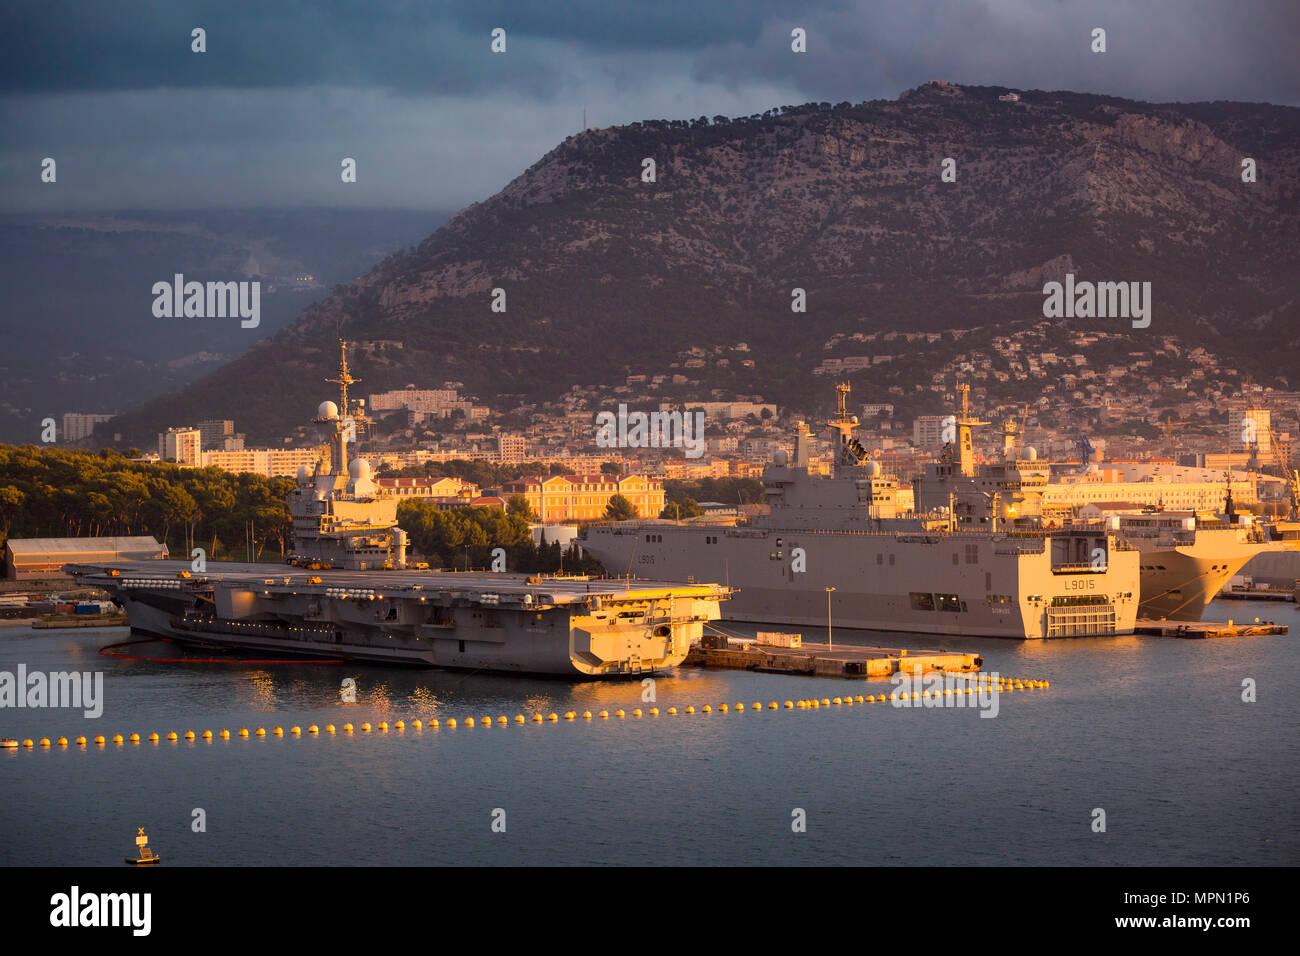 Sonnenaufgang über Atomgetriebenen Flugzeugträger Charles de Gaulle, Tonnerre Hubschrauber und Schiffe der französischen Marine in Toulon, Côte d'Azur, Frankreich Stockbild